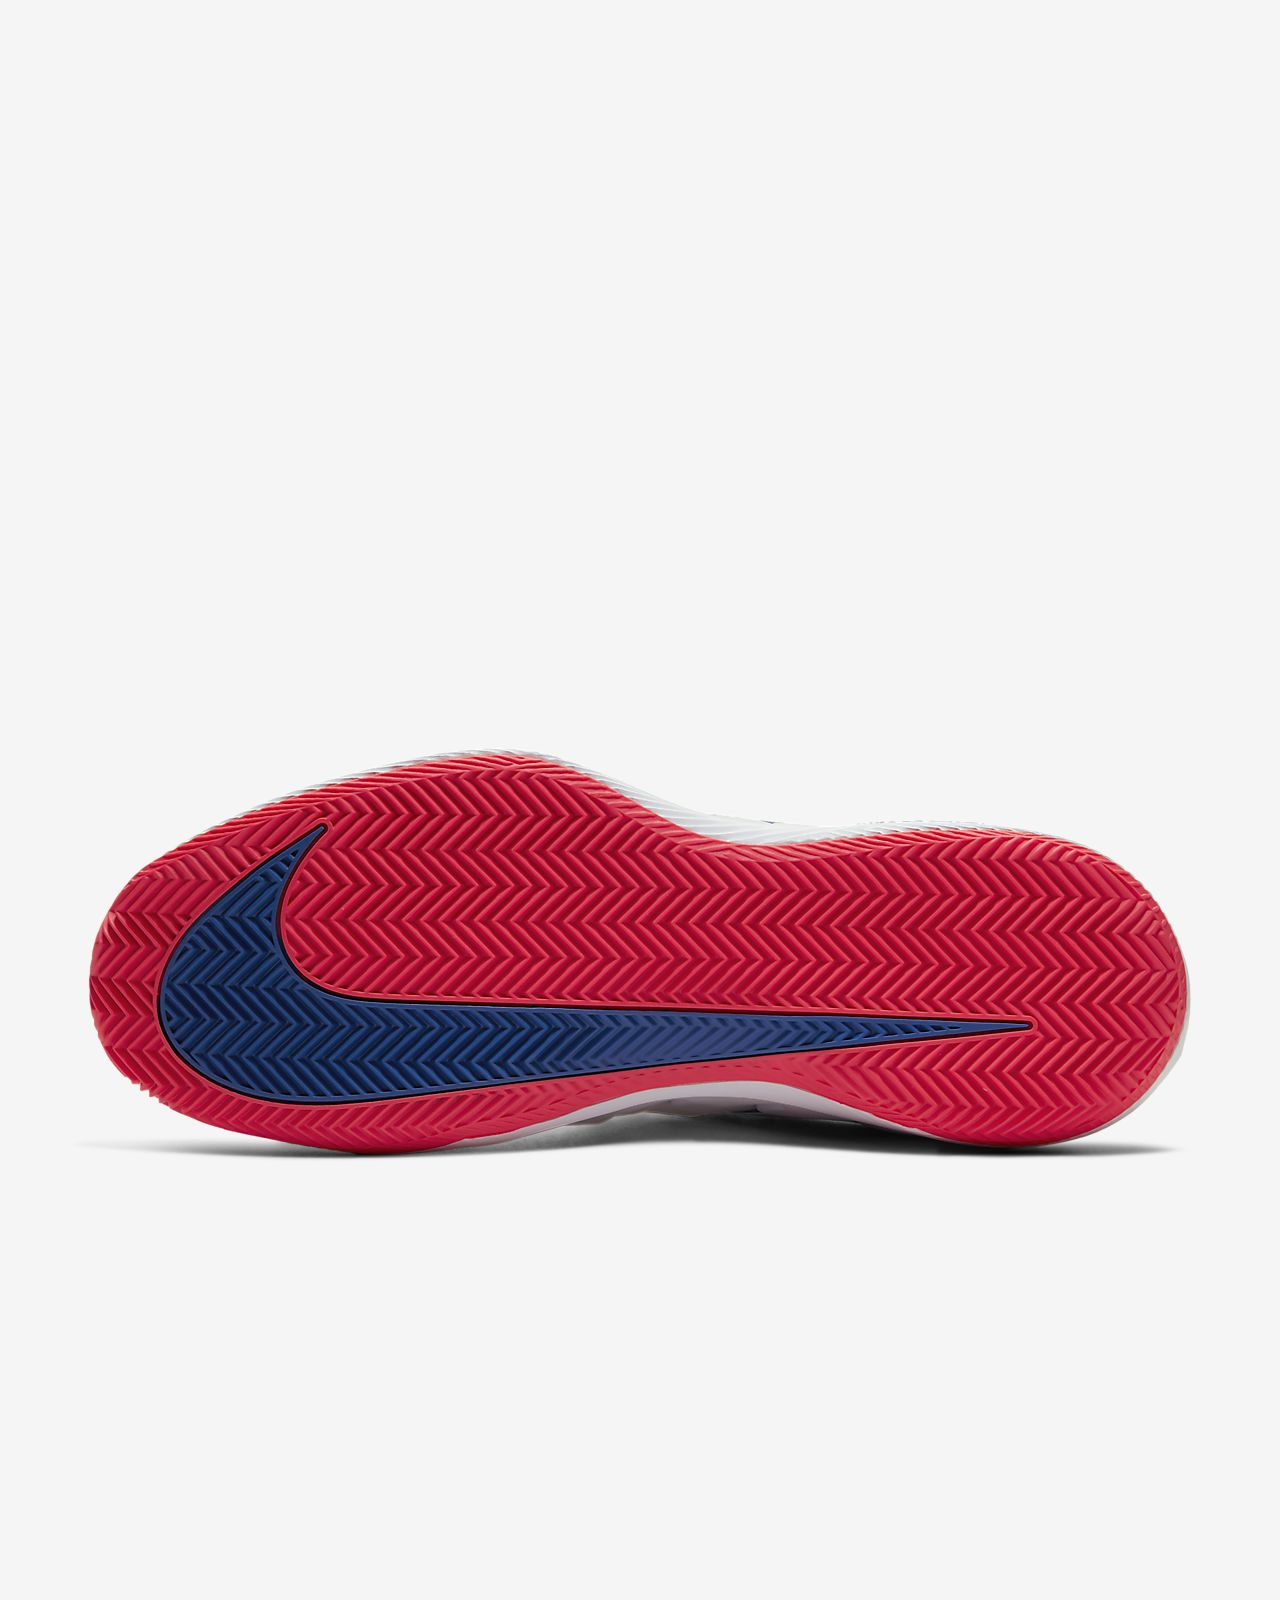 scarpe da tennis nike alte